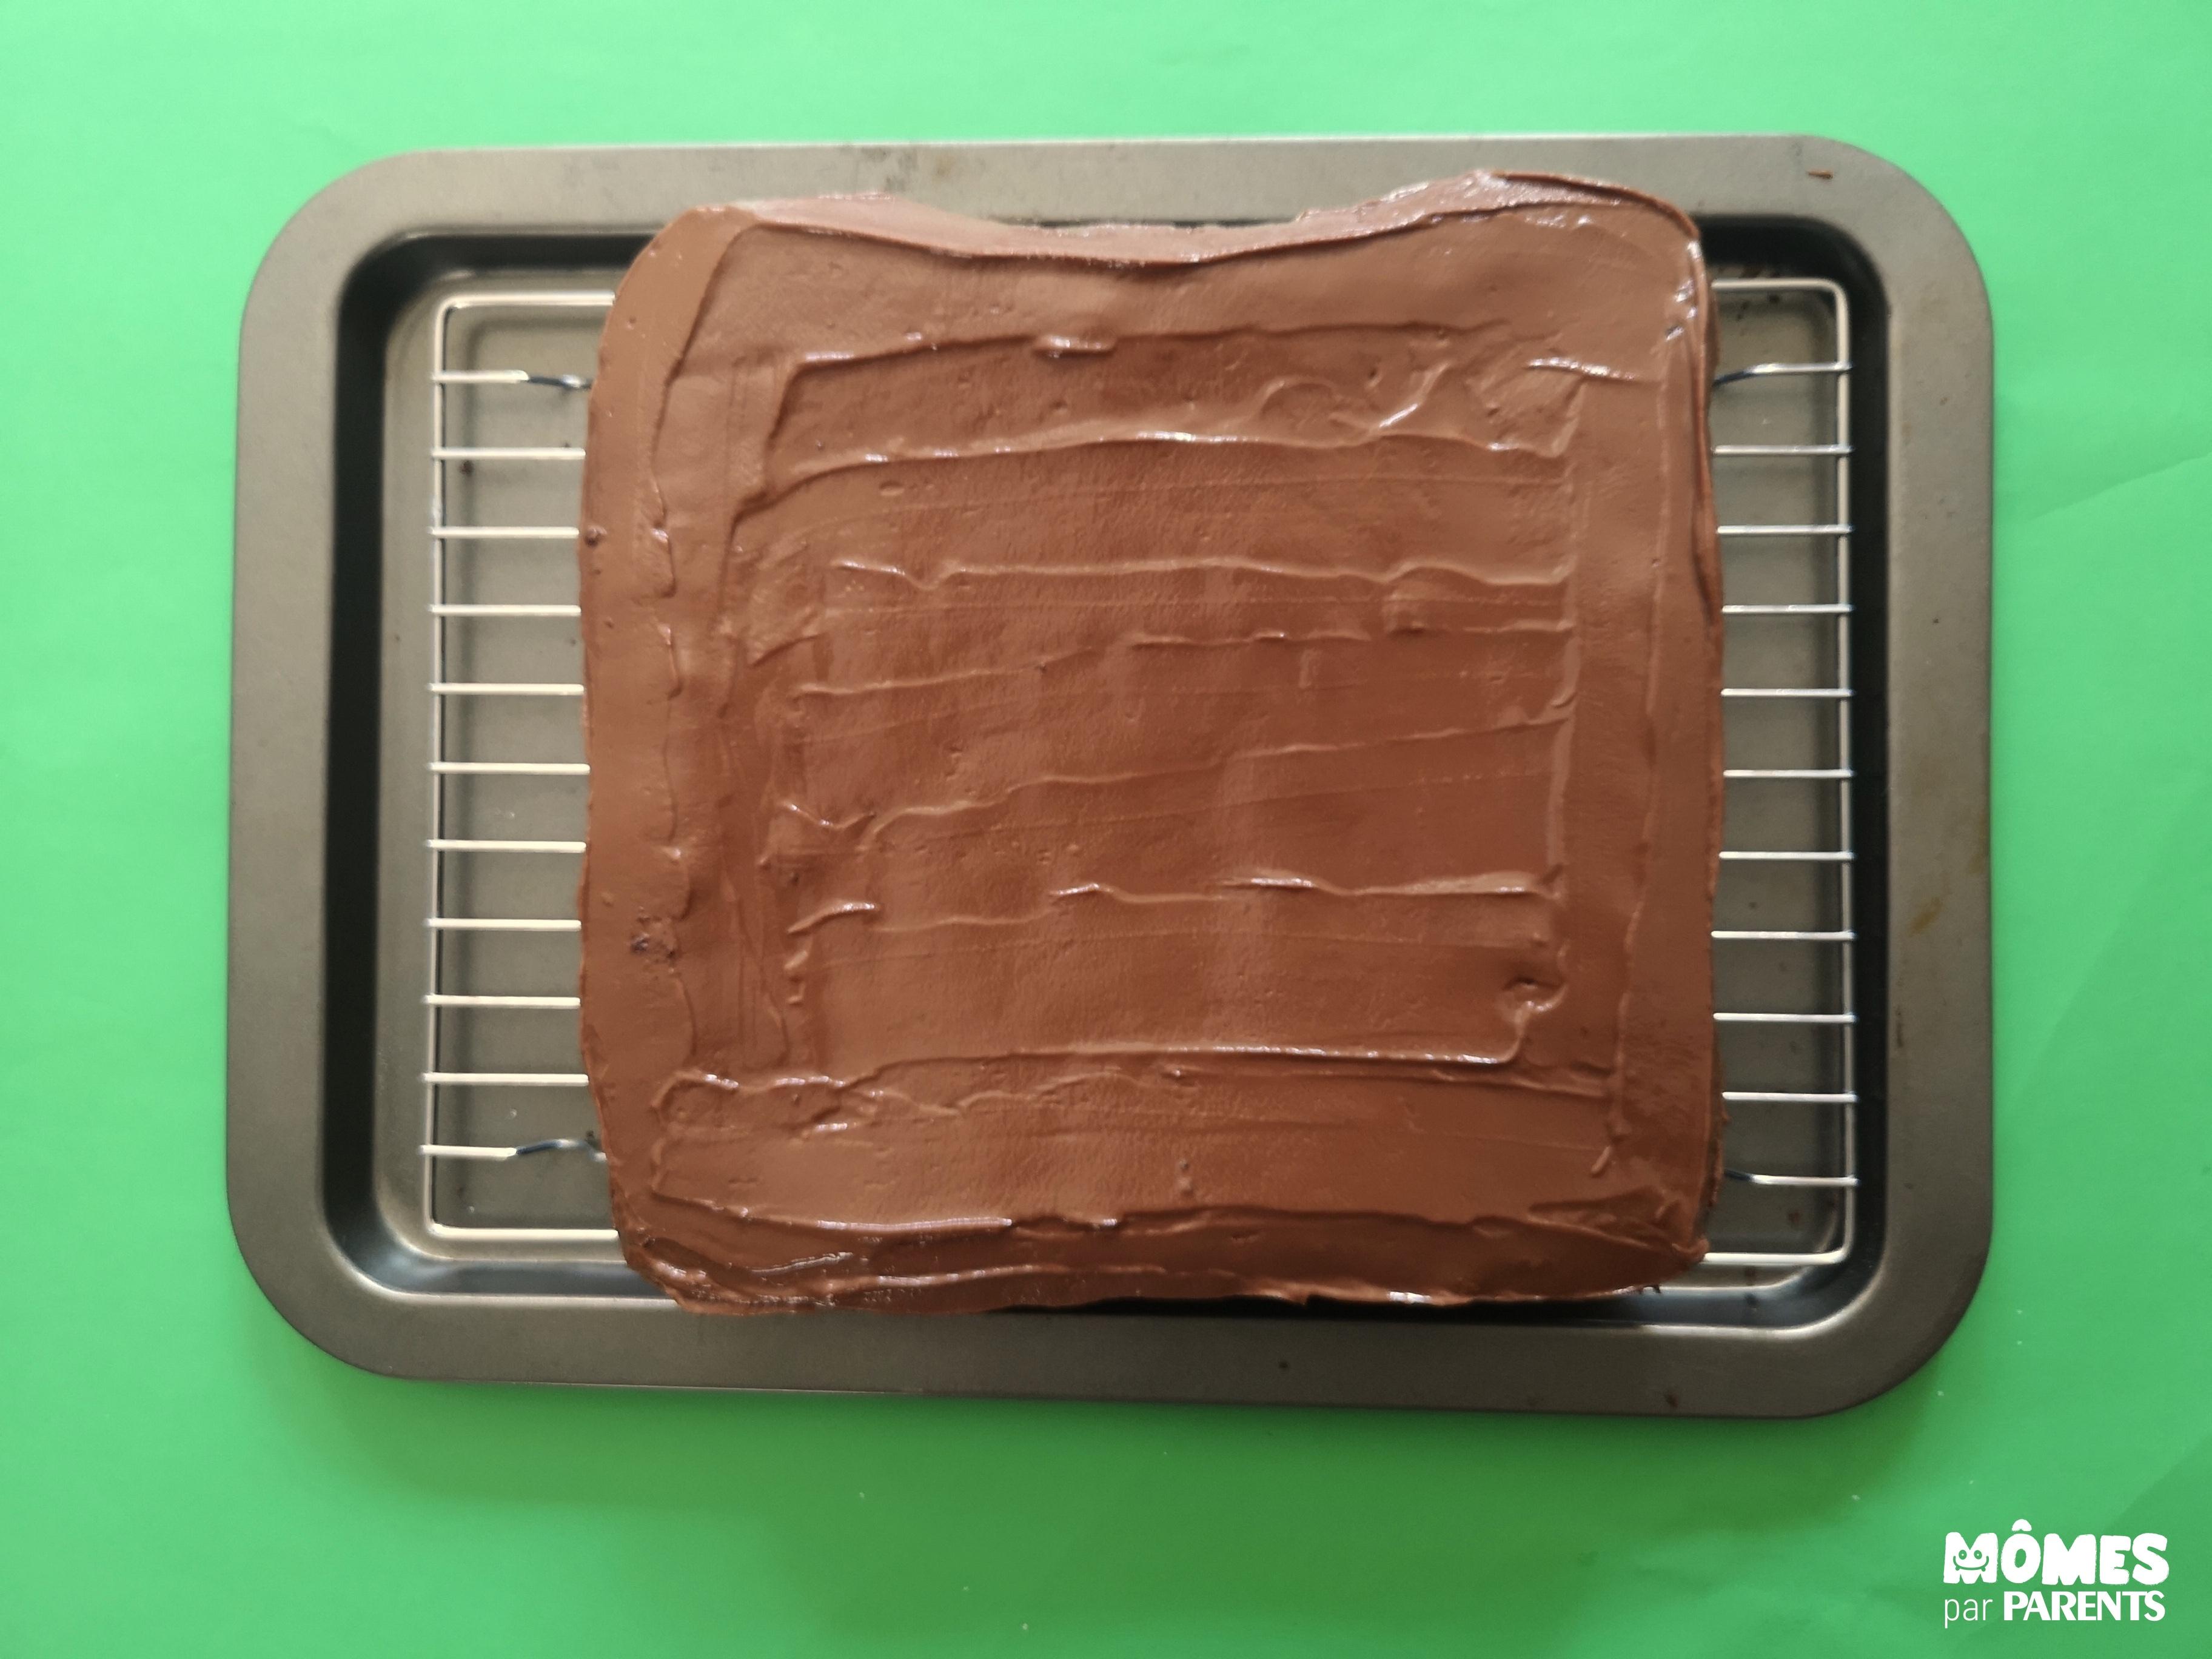 gâteau ferme nappé